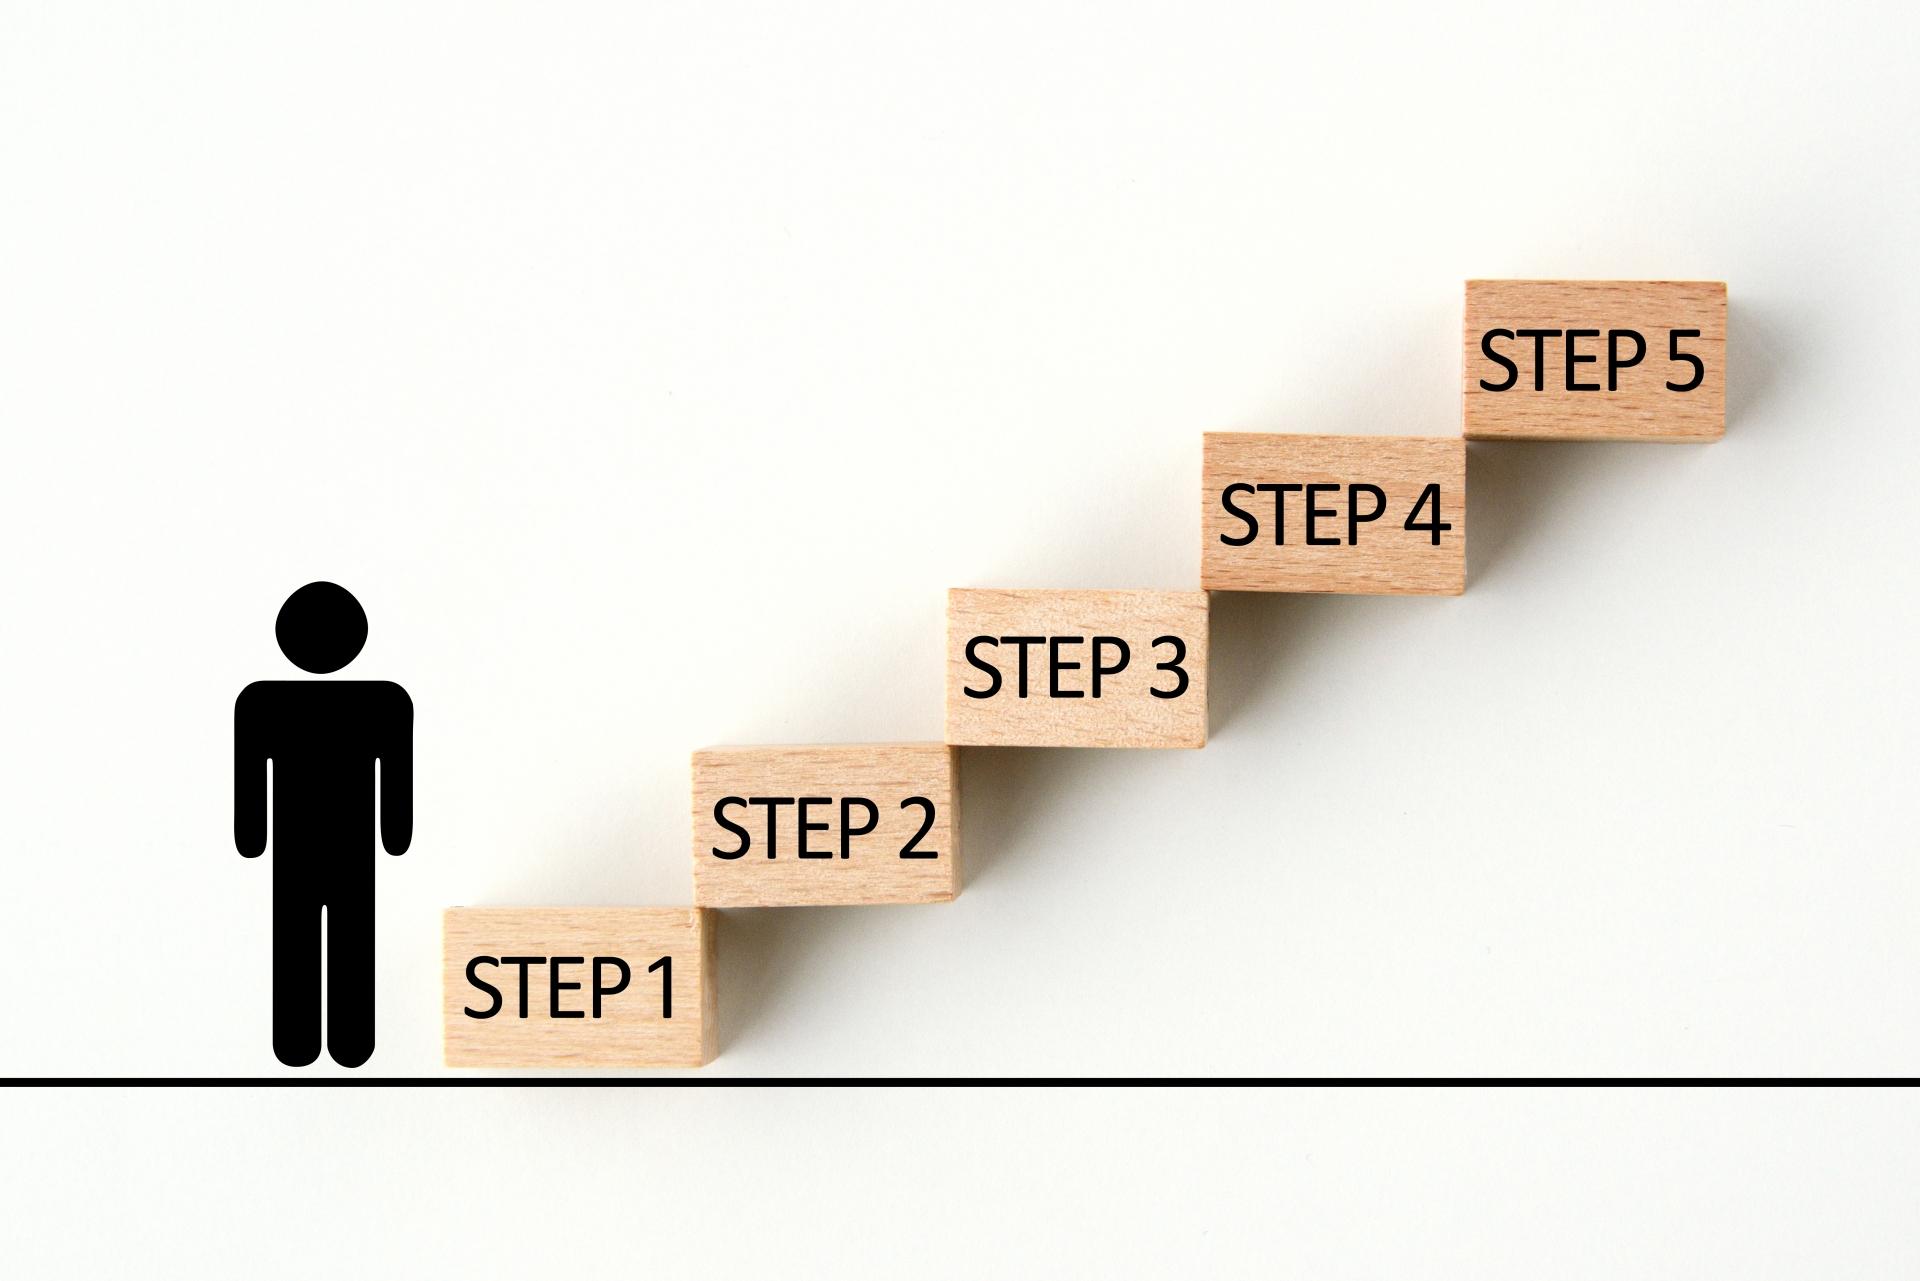 福利厚生の導入方法|企業の目的や従業員のニーズに合った選択を